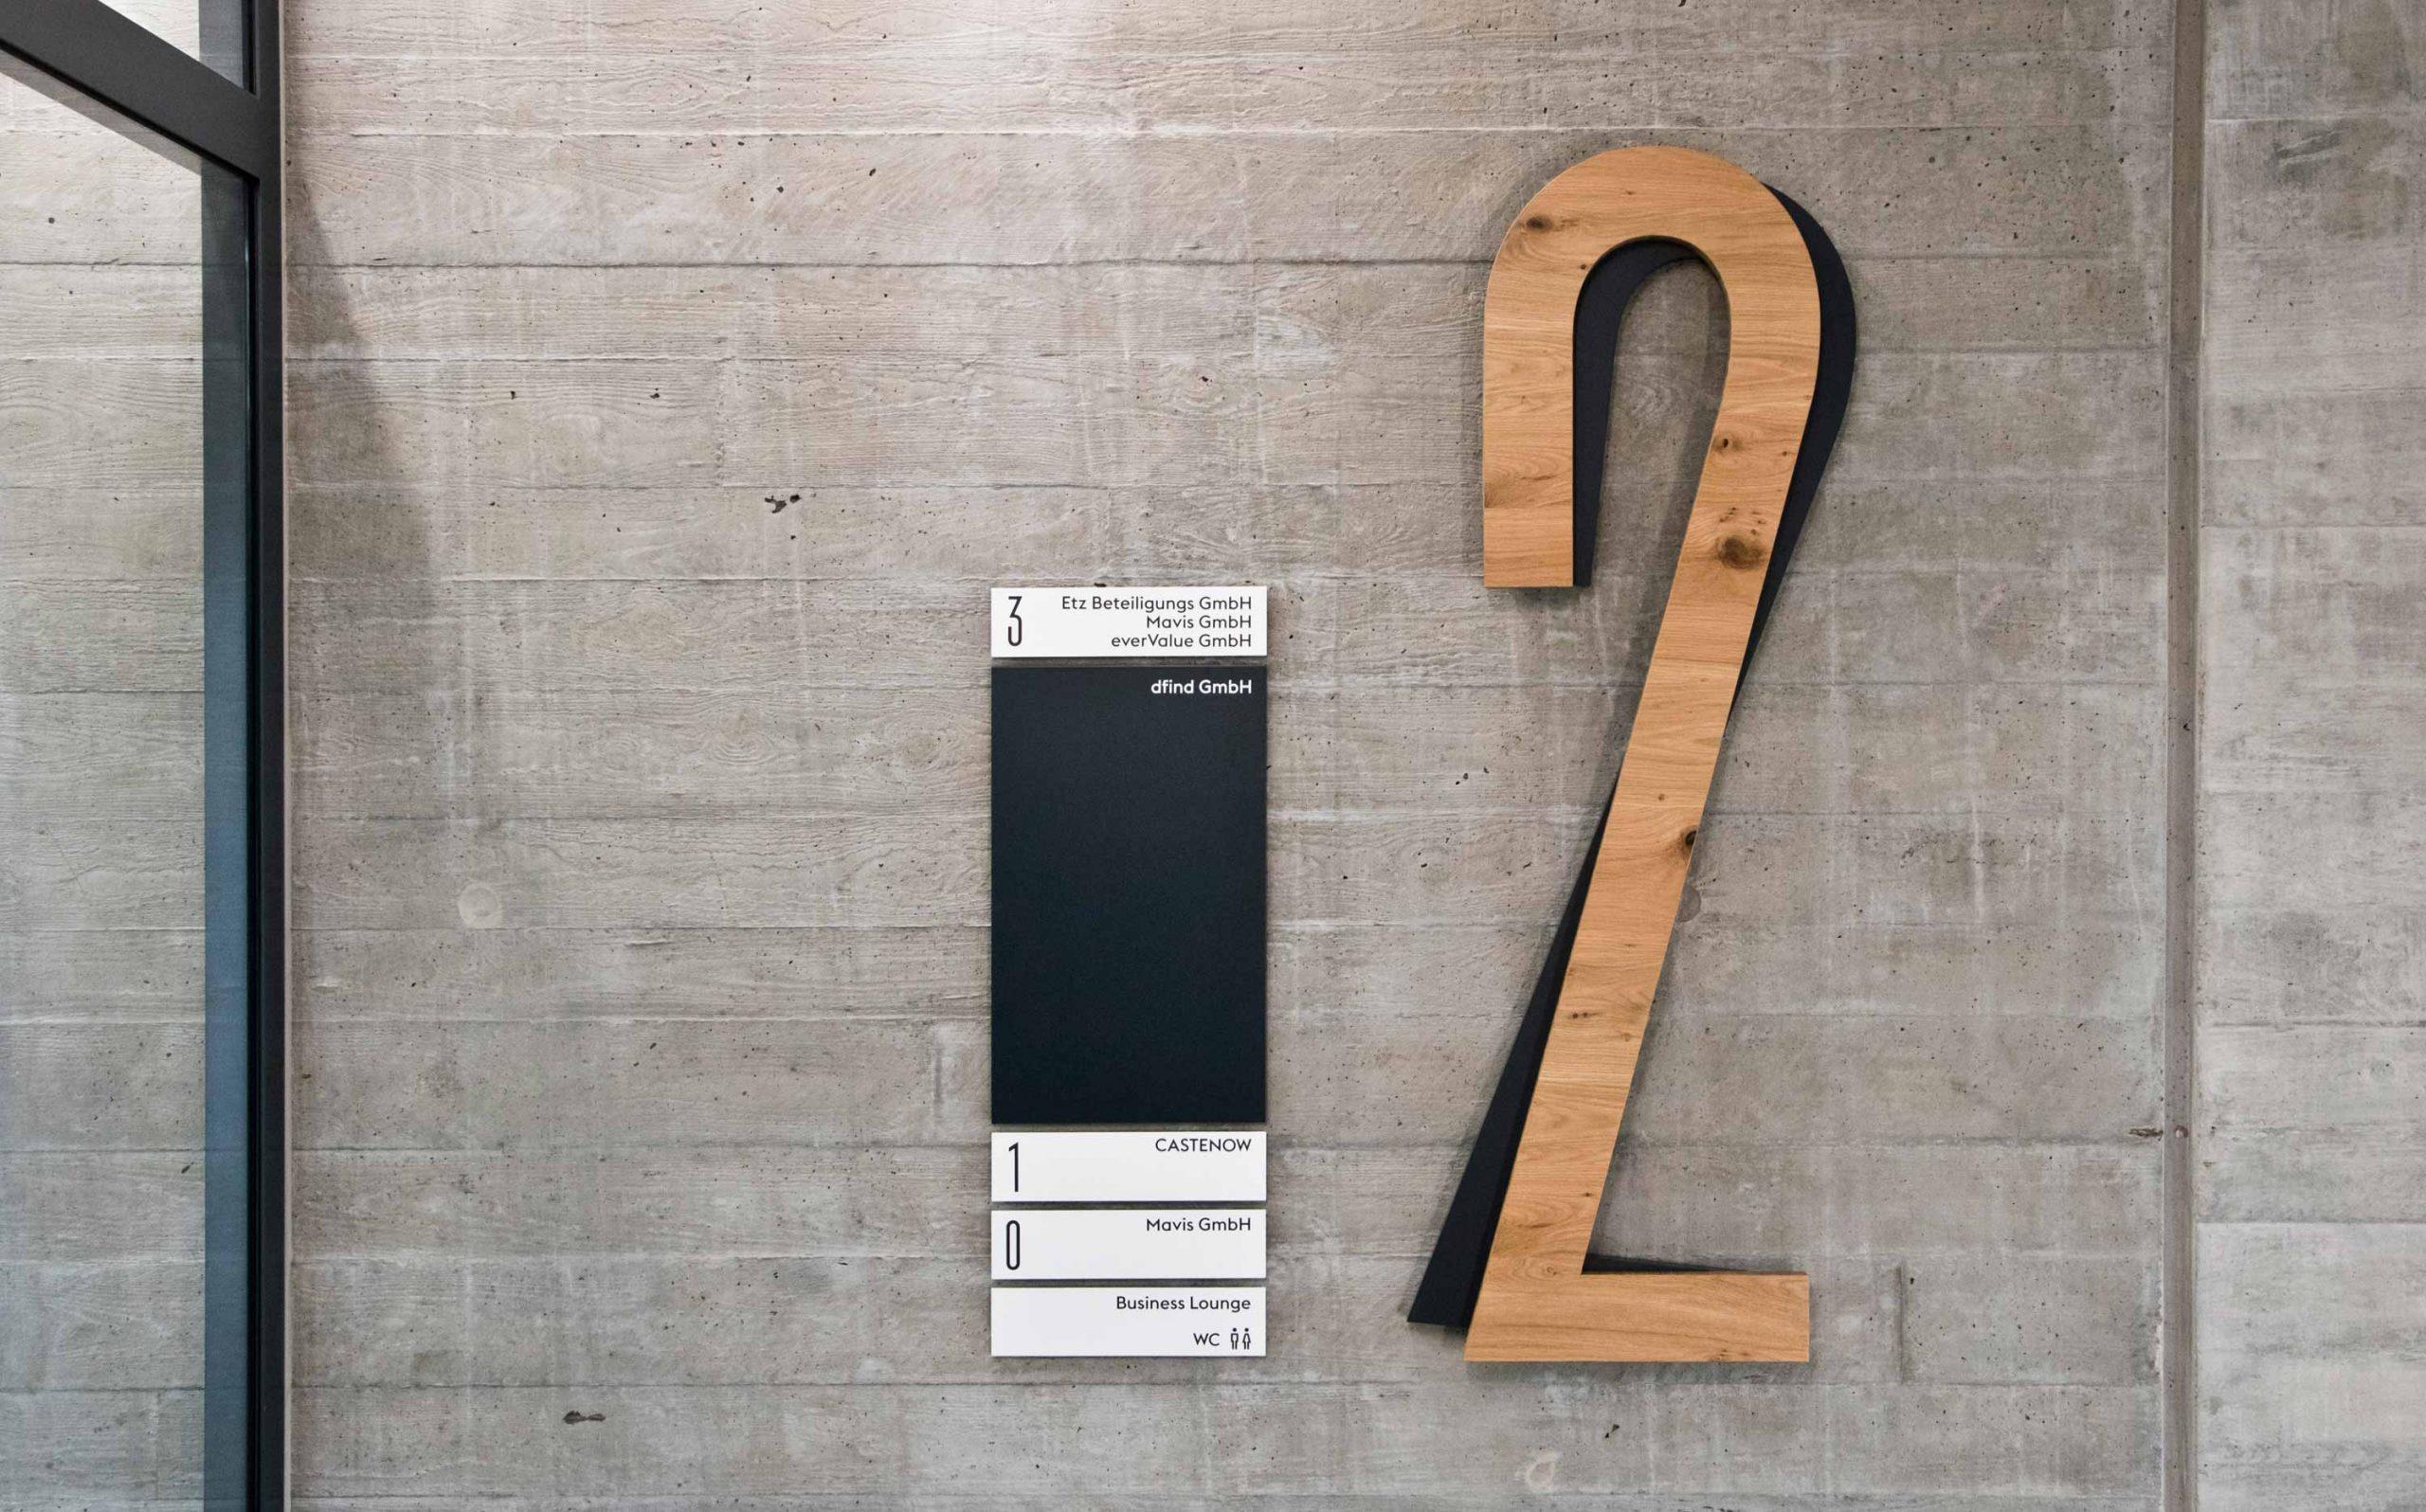 Leit- & Informationssystem The Beach, Düsseldorf | Etagenkennzeichnung und Etagenübersicht OG2 | Keywords: Etagenkennzeichnung, Signaletik, Leitsystem, Orientierungssystem, Büro, Office, Design, Grafikdesign, Typografie